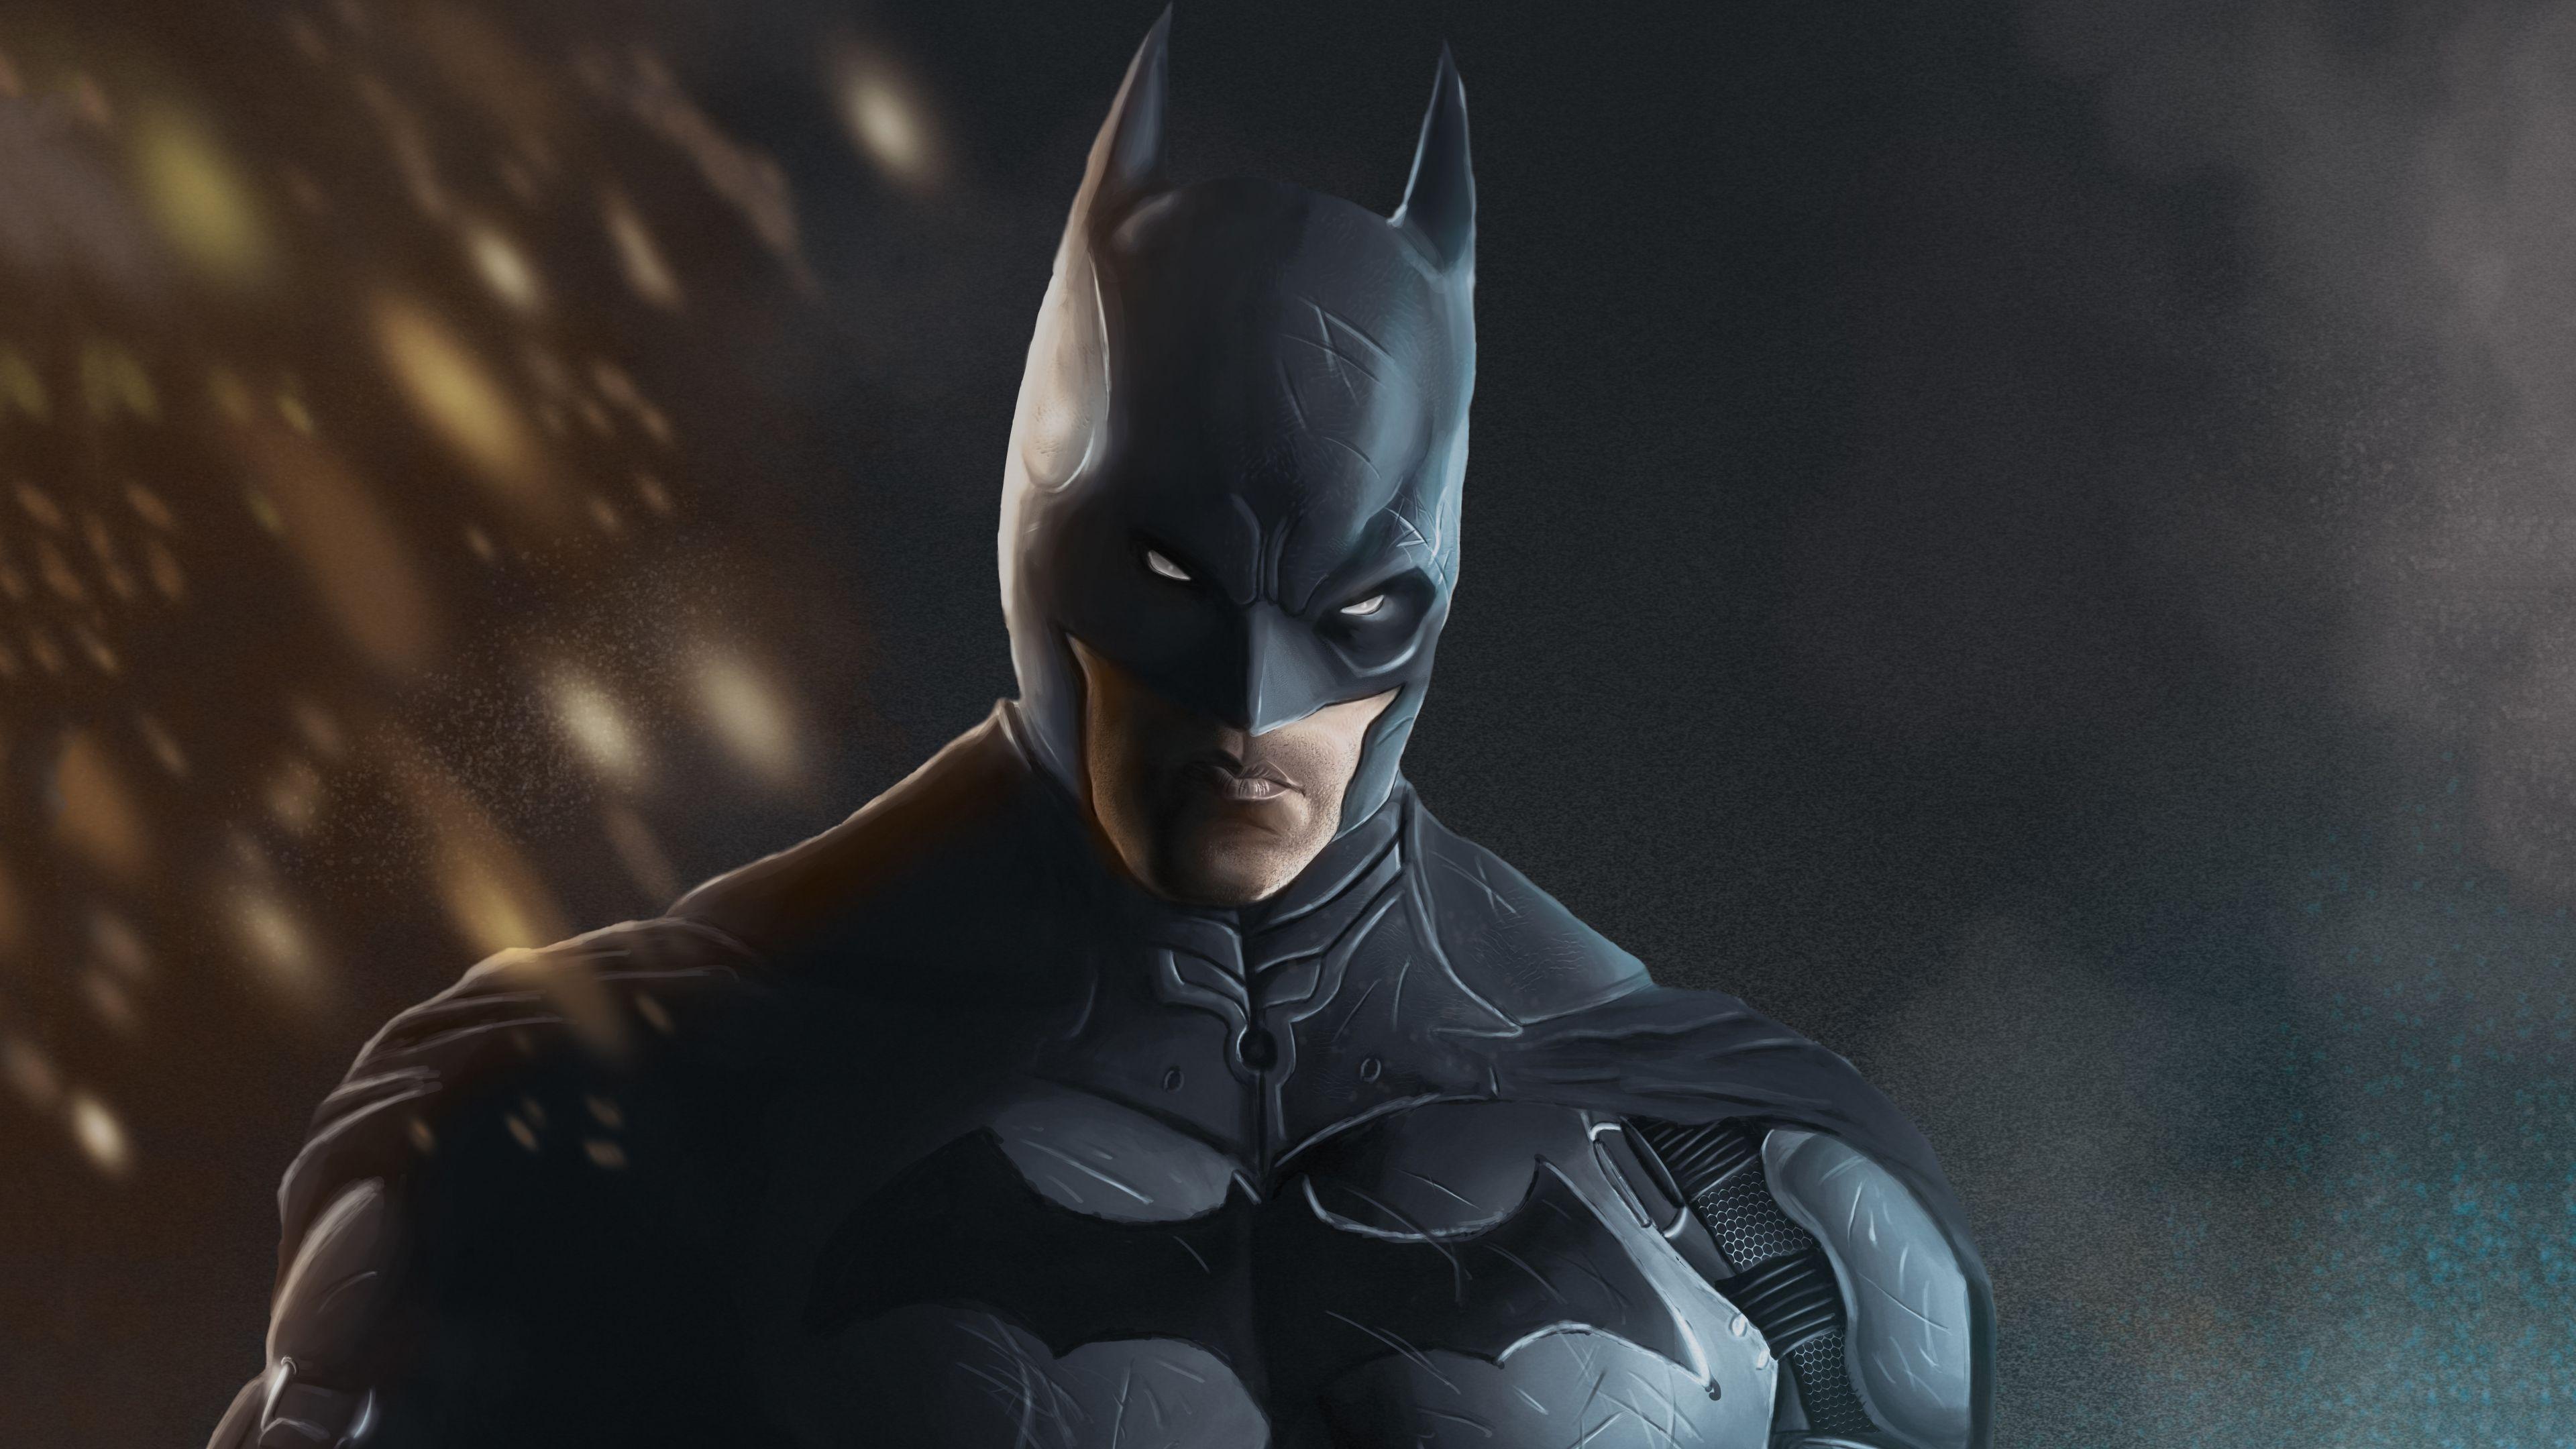 Batman Wallpaper 4k Iphone 3d Wallpapers Batman Arkham Knight Wallpaper Batman Batman Wallpaper